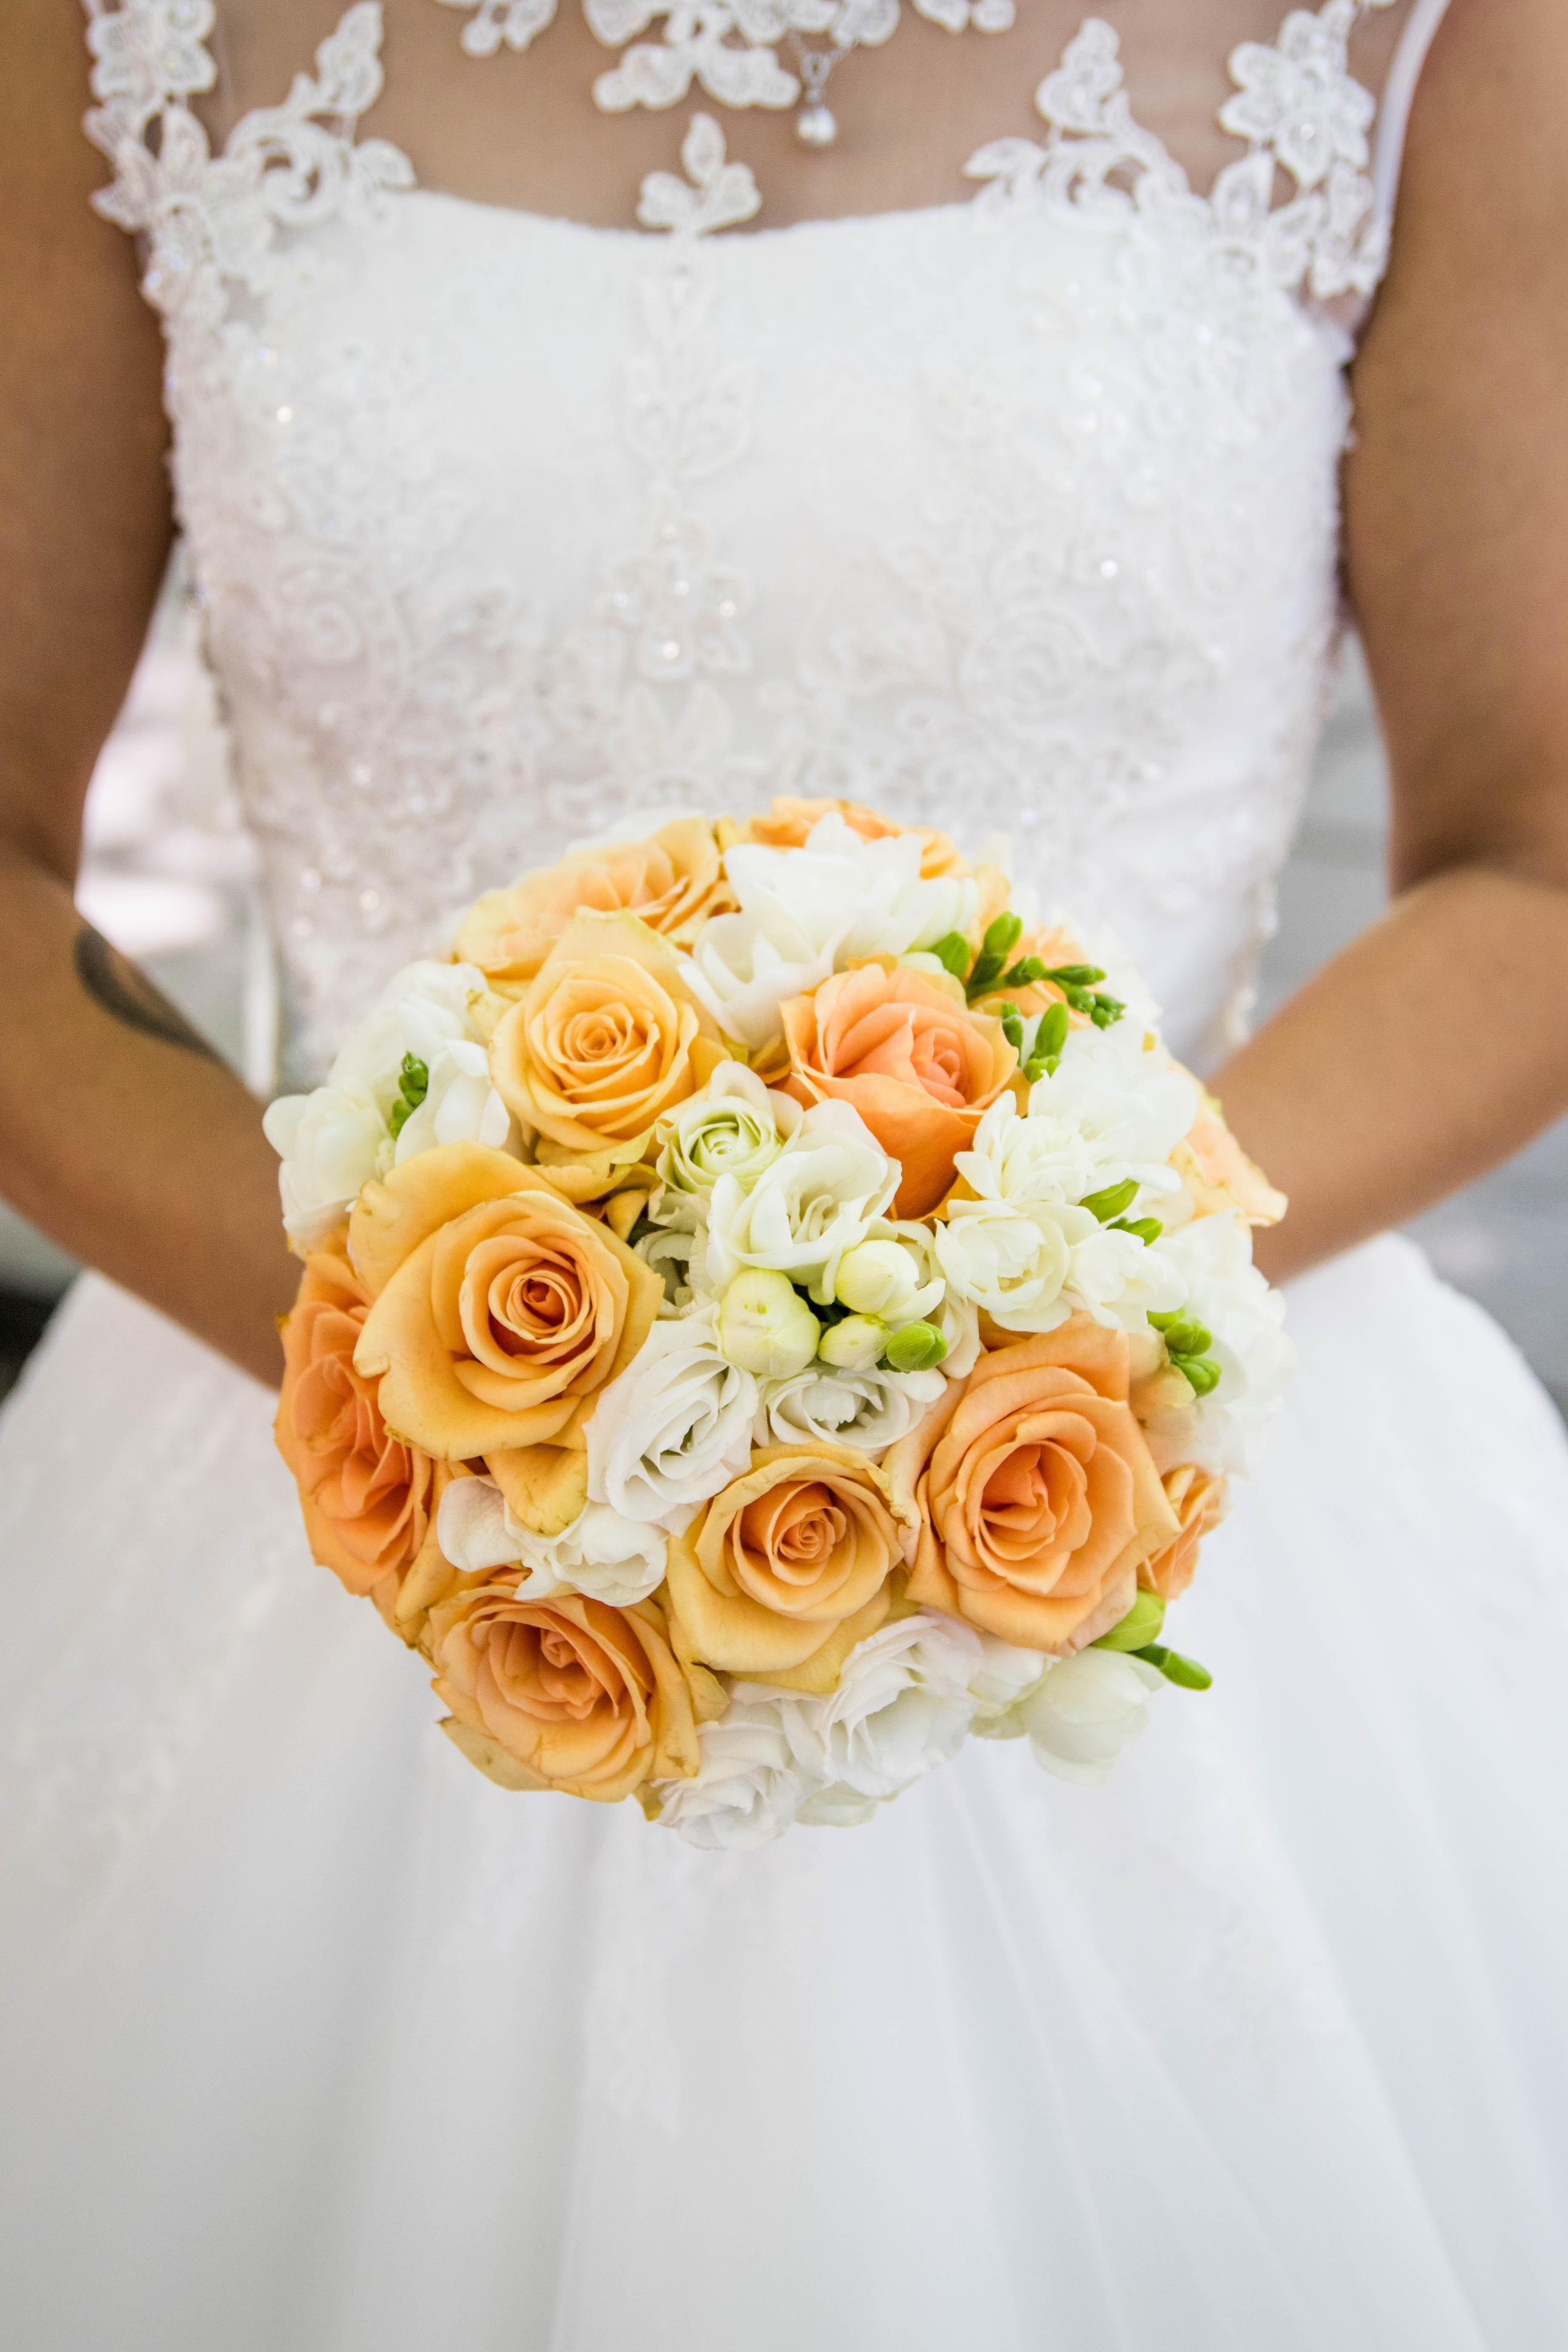 Fotos Gratis Florecer Flor Ramo Nupcial Celebracion